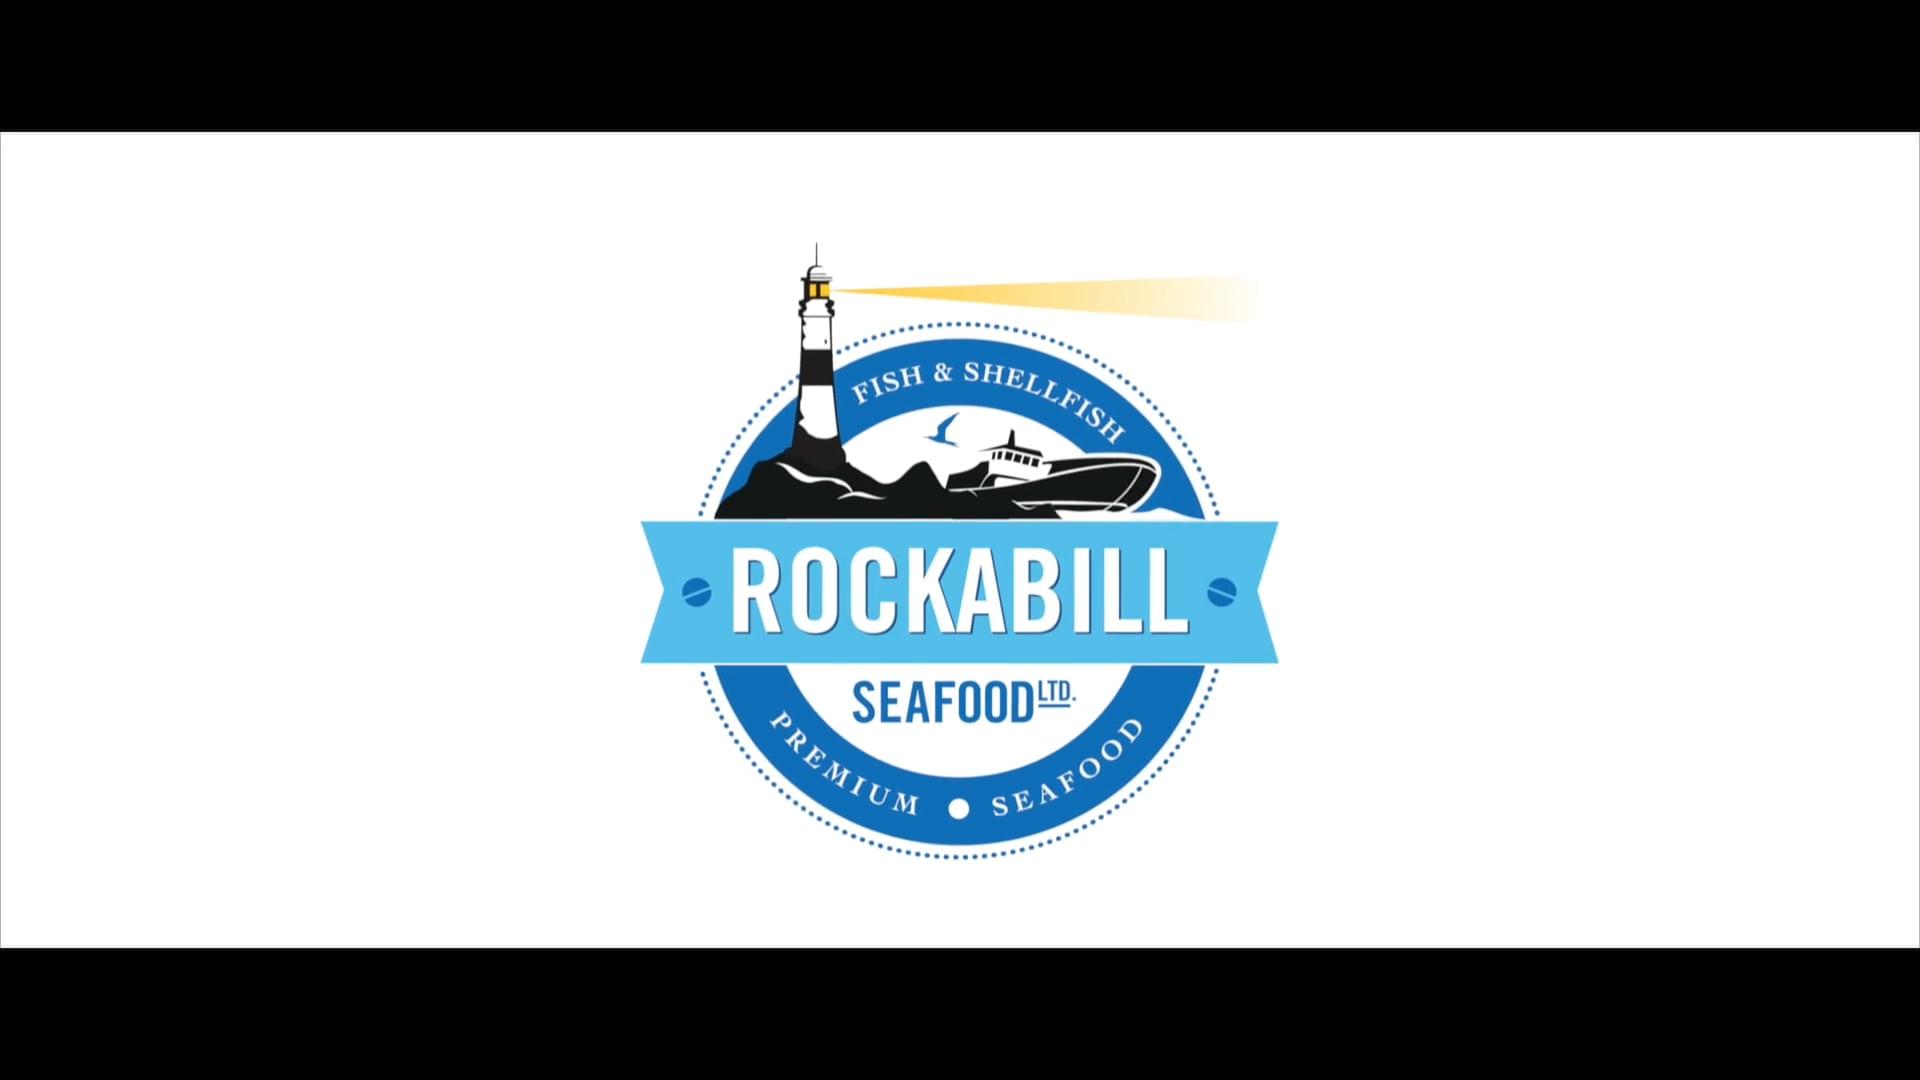 Rockabill Seafood - Pitch video